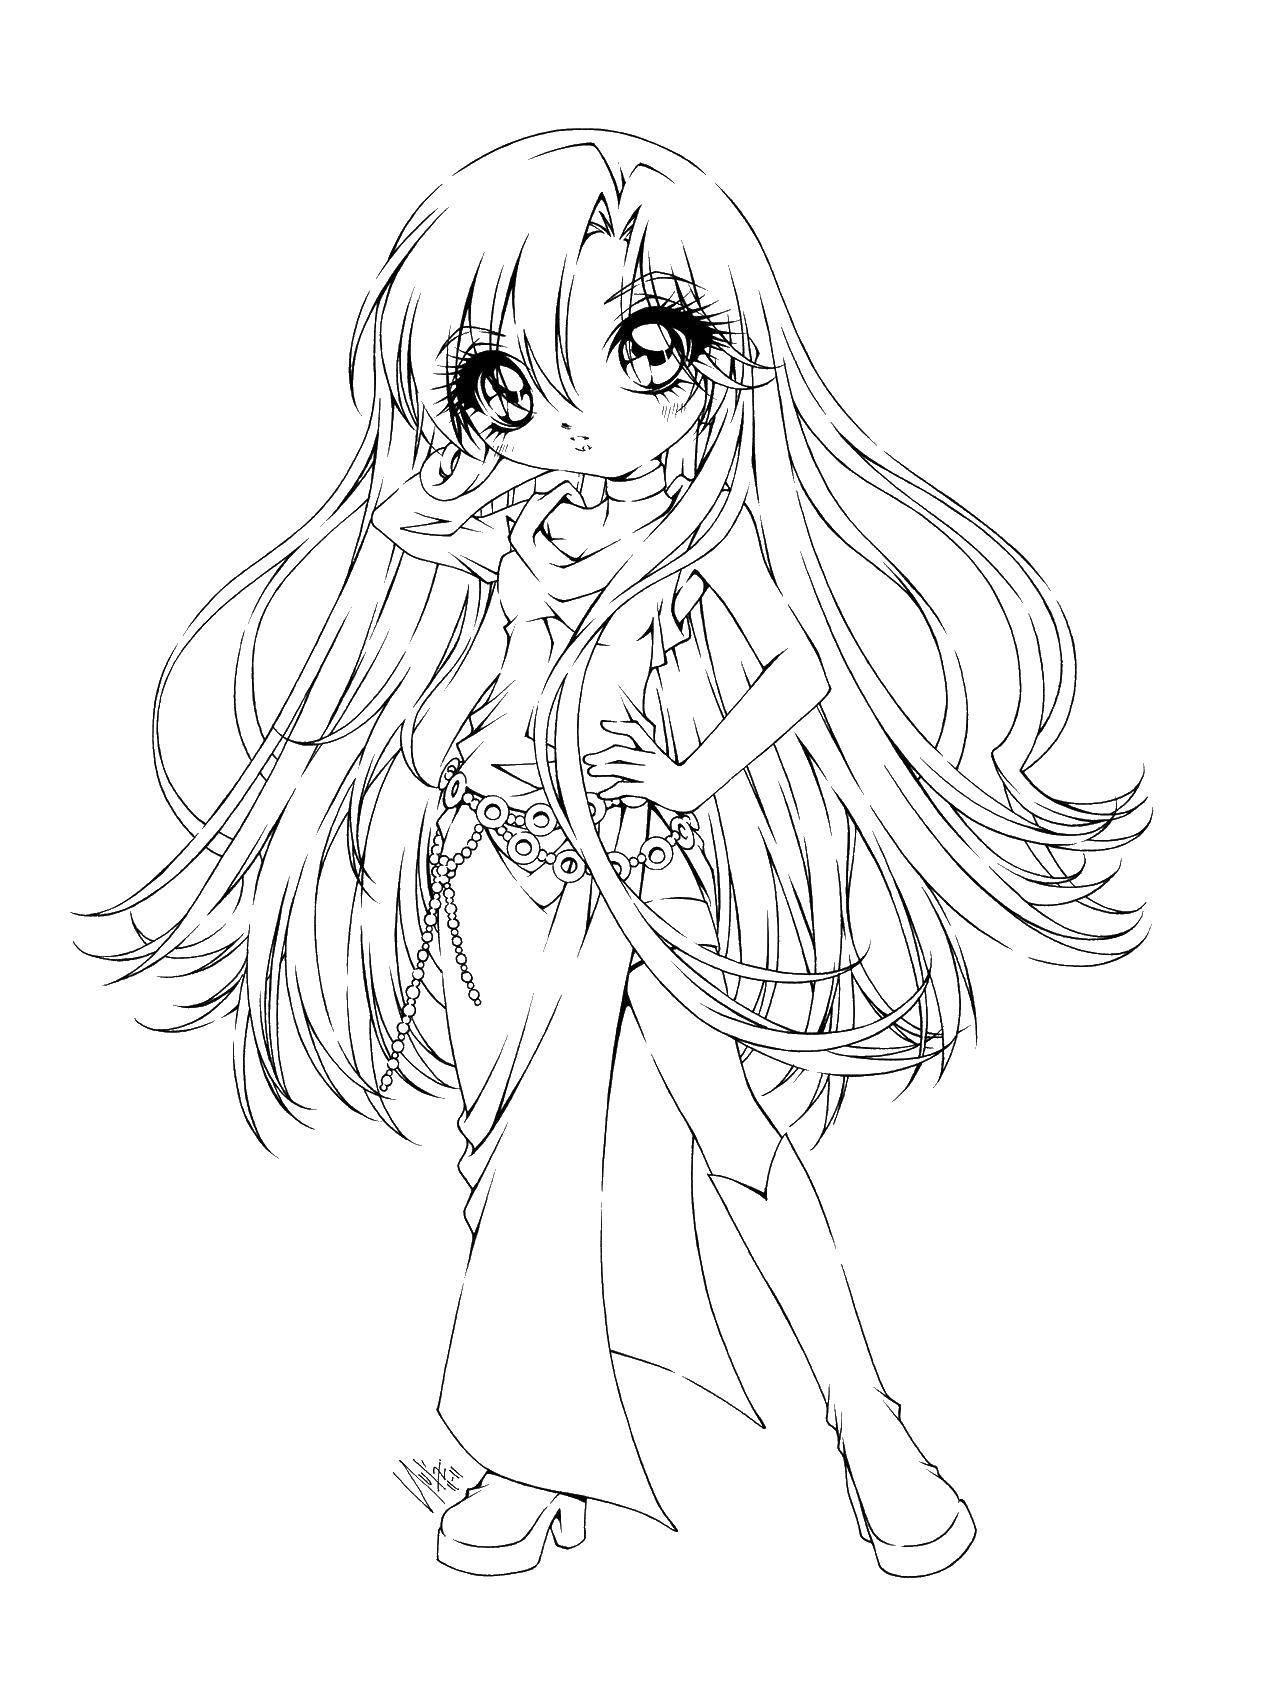 Раскраска Девочка из аниме с большими глазами Скачать аниме, девочка.  Распечатать ,аниме,